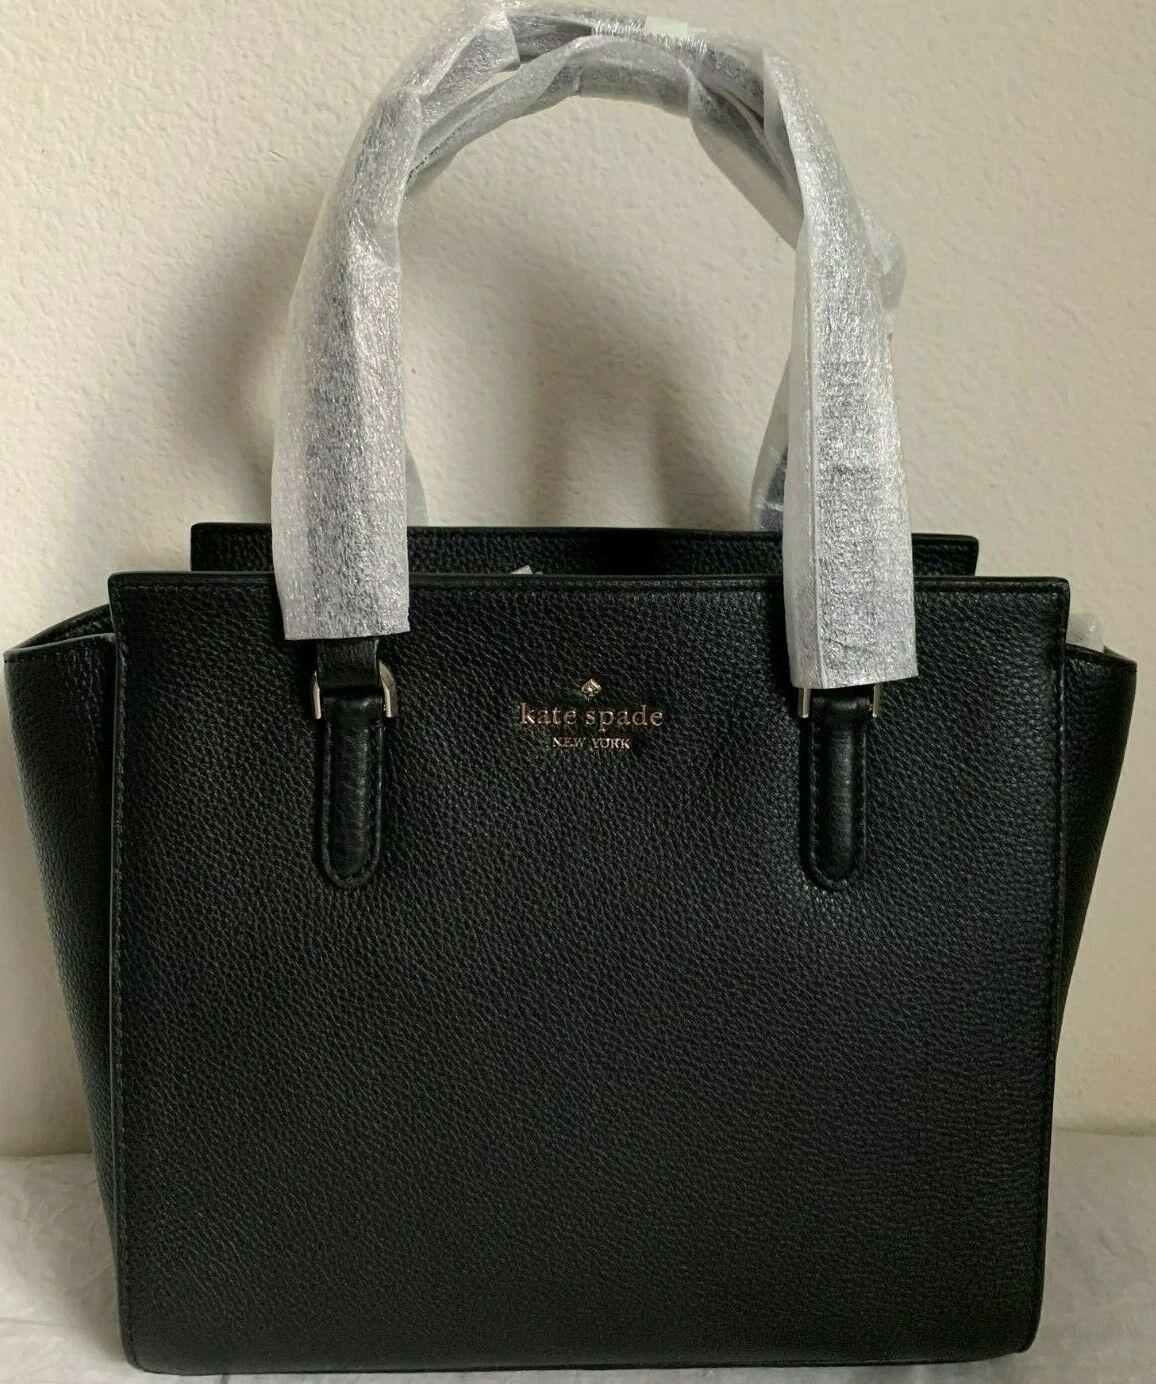 NWT Kate Spade Jackson Medium Leather Satchel Bag WKRU5940 $